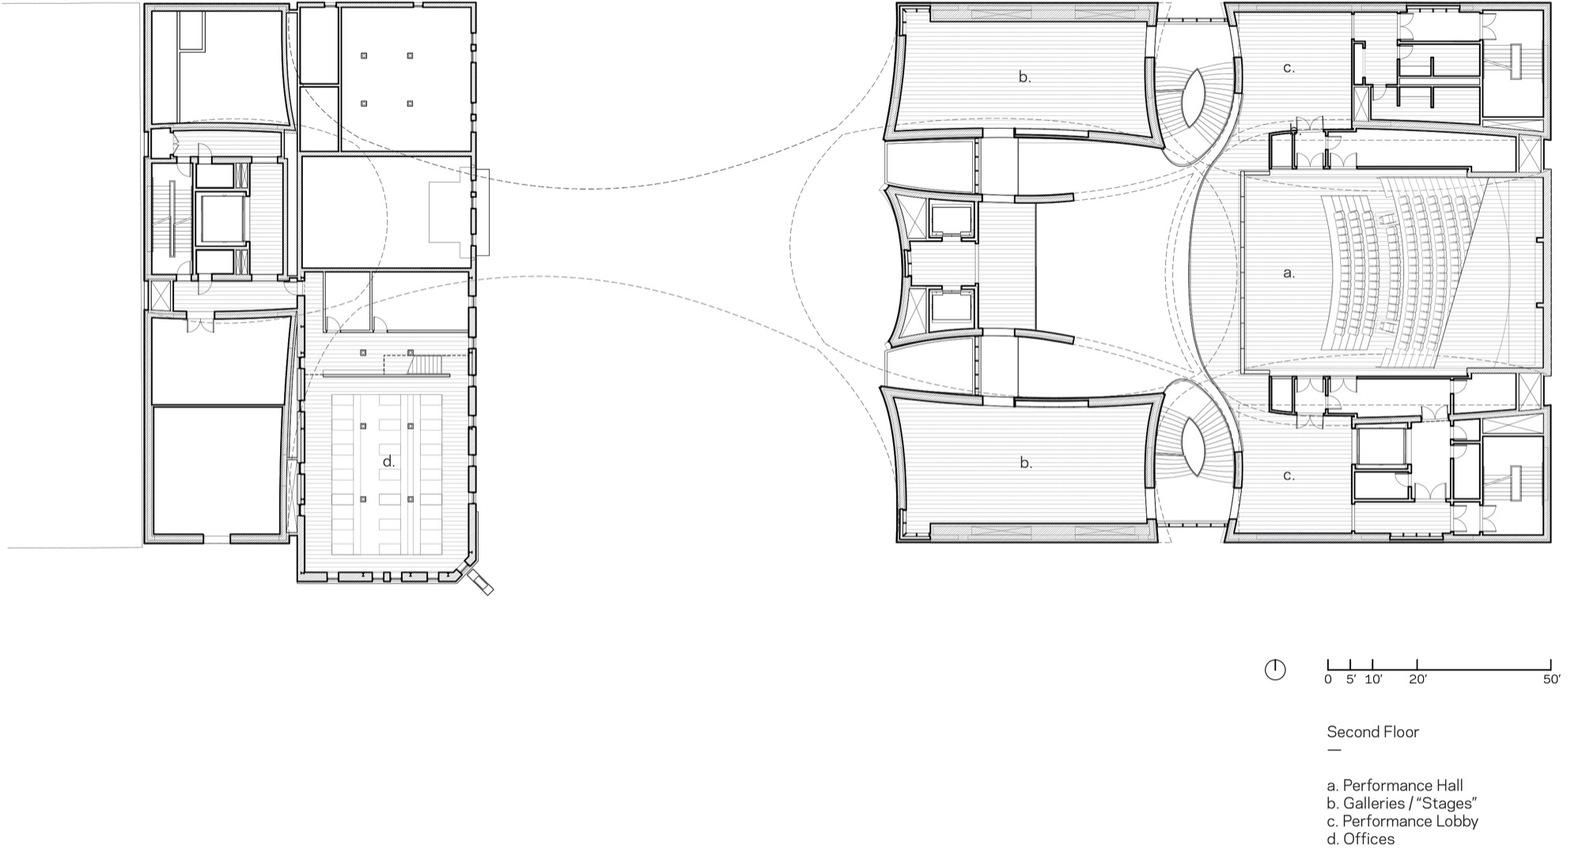 NMC_pres_floor plans_2_161017